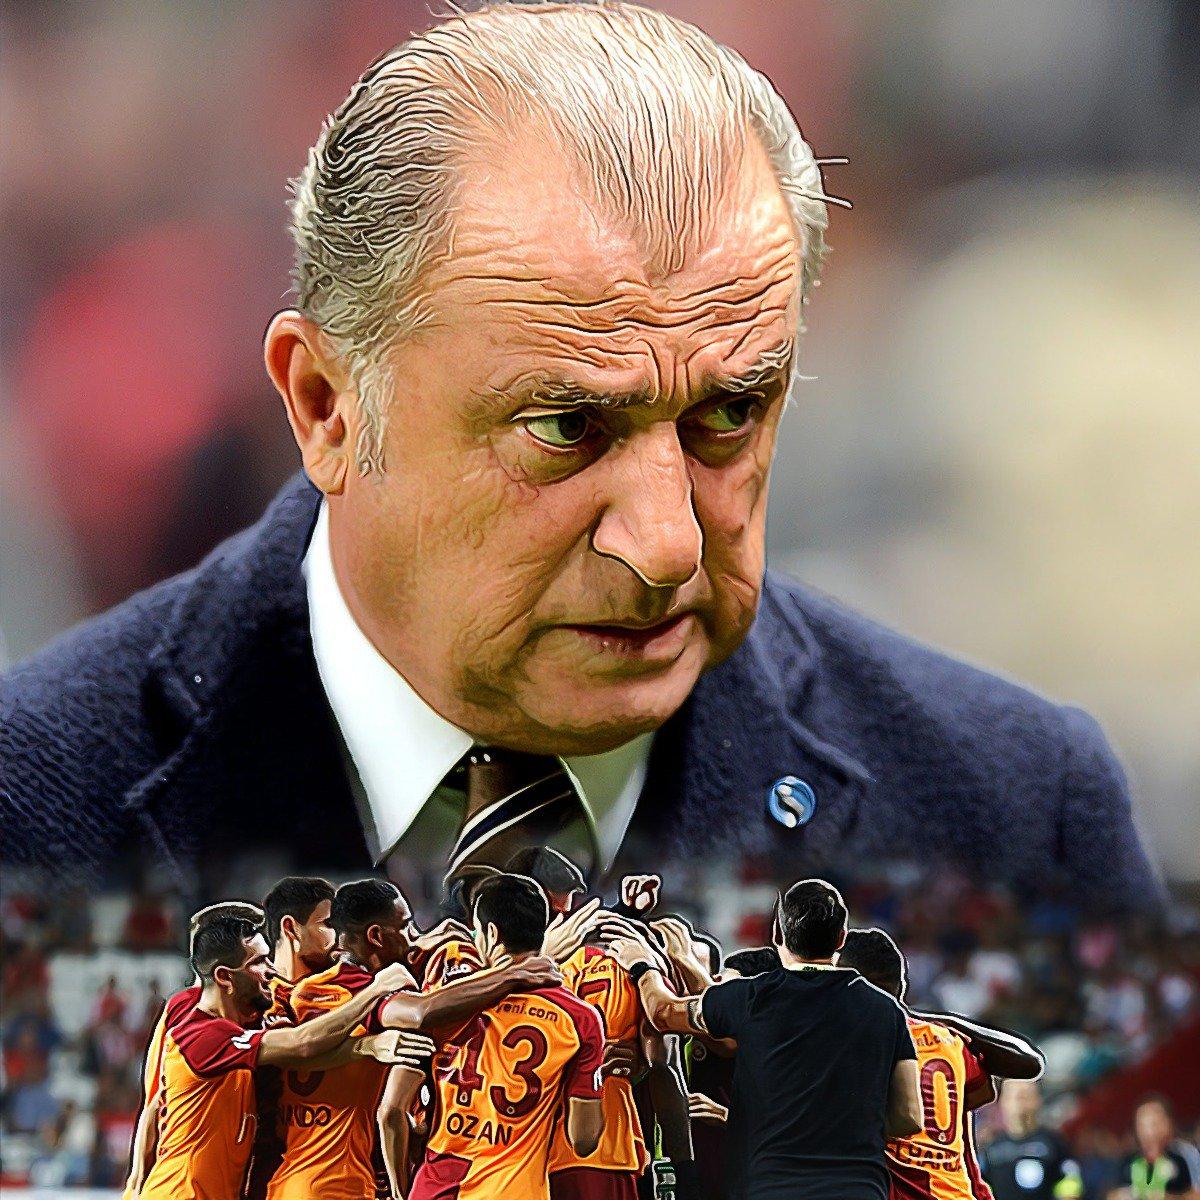 Galatasaray her zaman en dar, en zor zamanlarda birlik olup daha da güçlenerek çıkmasını bilmiştir.Yine bizi birbirimize kenetlediler. Hodri Meydan ! #KenetlenBaşkaGALATASARAYyok